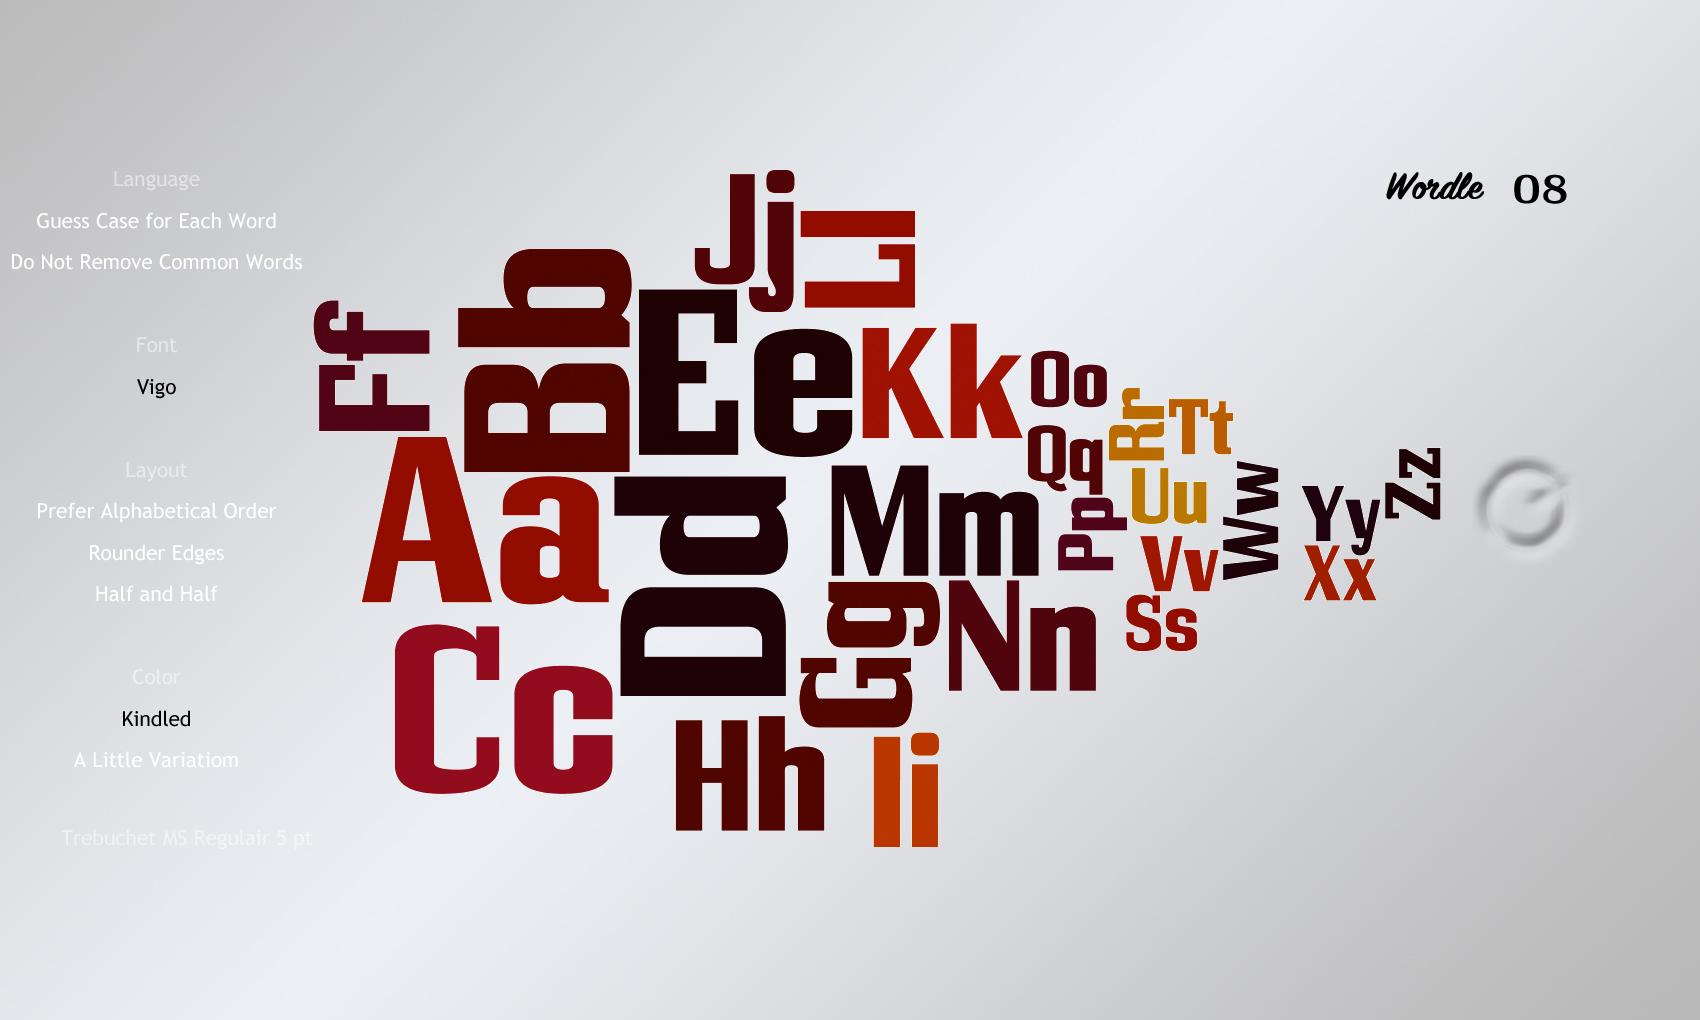 Wordle08 Vigo